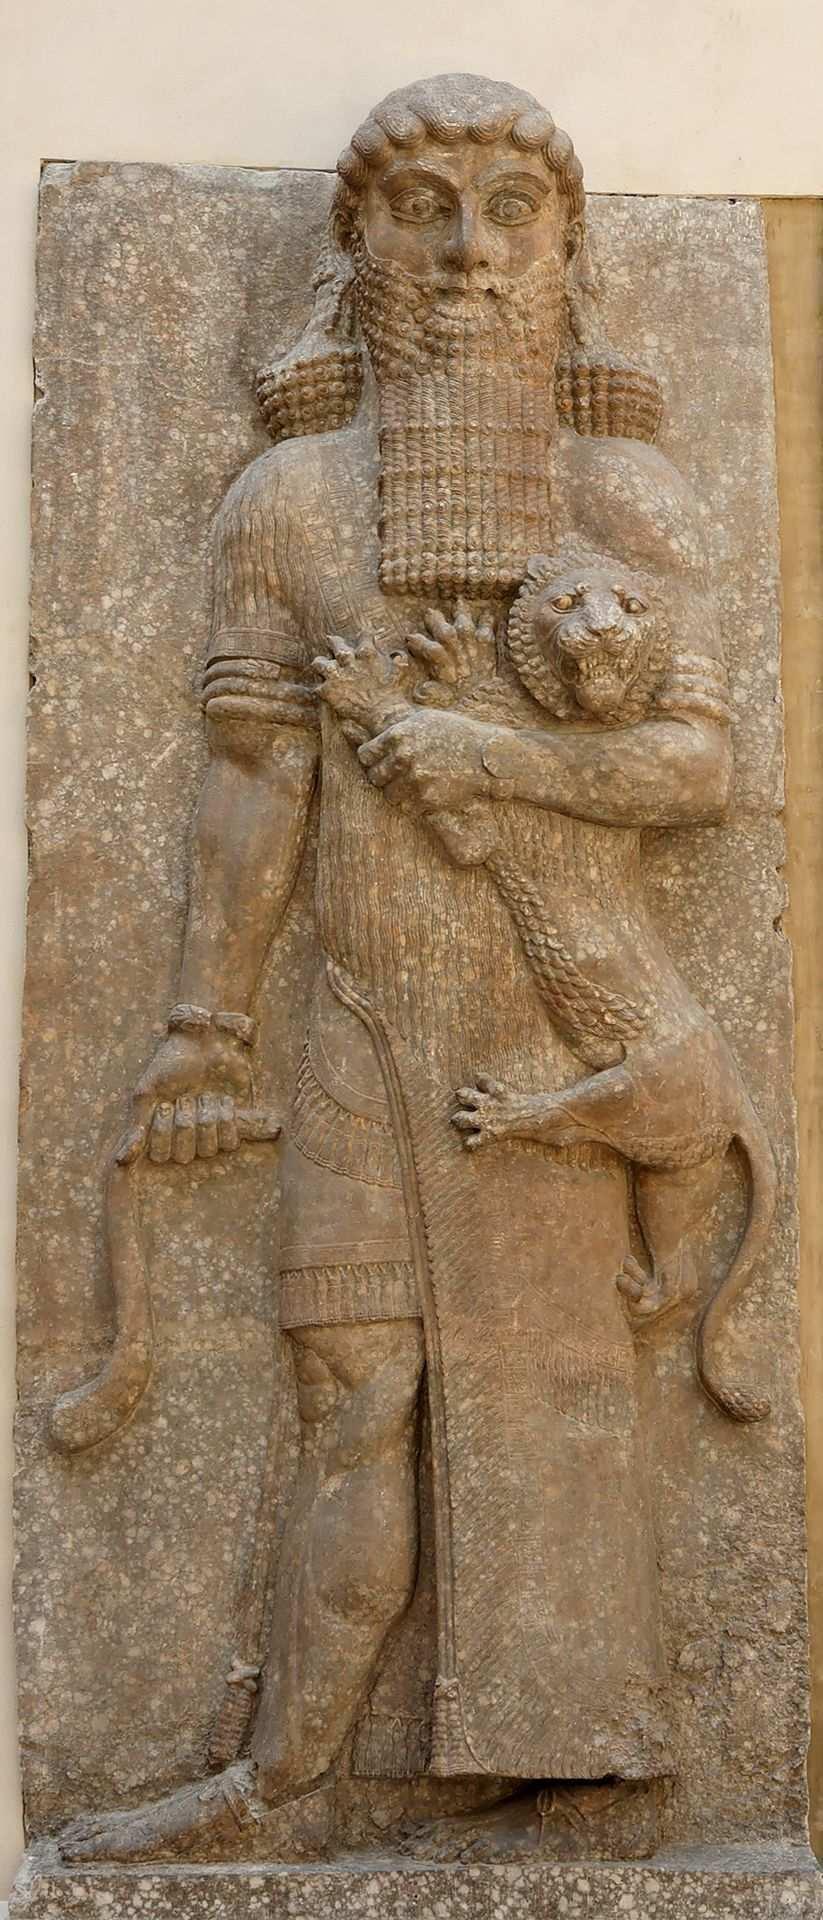 Uruk: Počiatočné mesto ľudskej civilizácie, ktoré svojimi pokrokovými poznatkami zmenilo svet 4